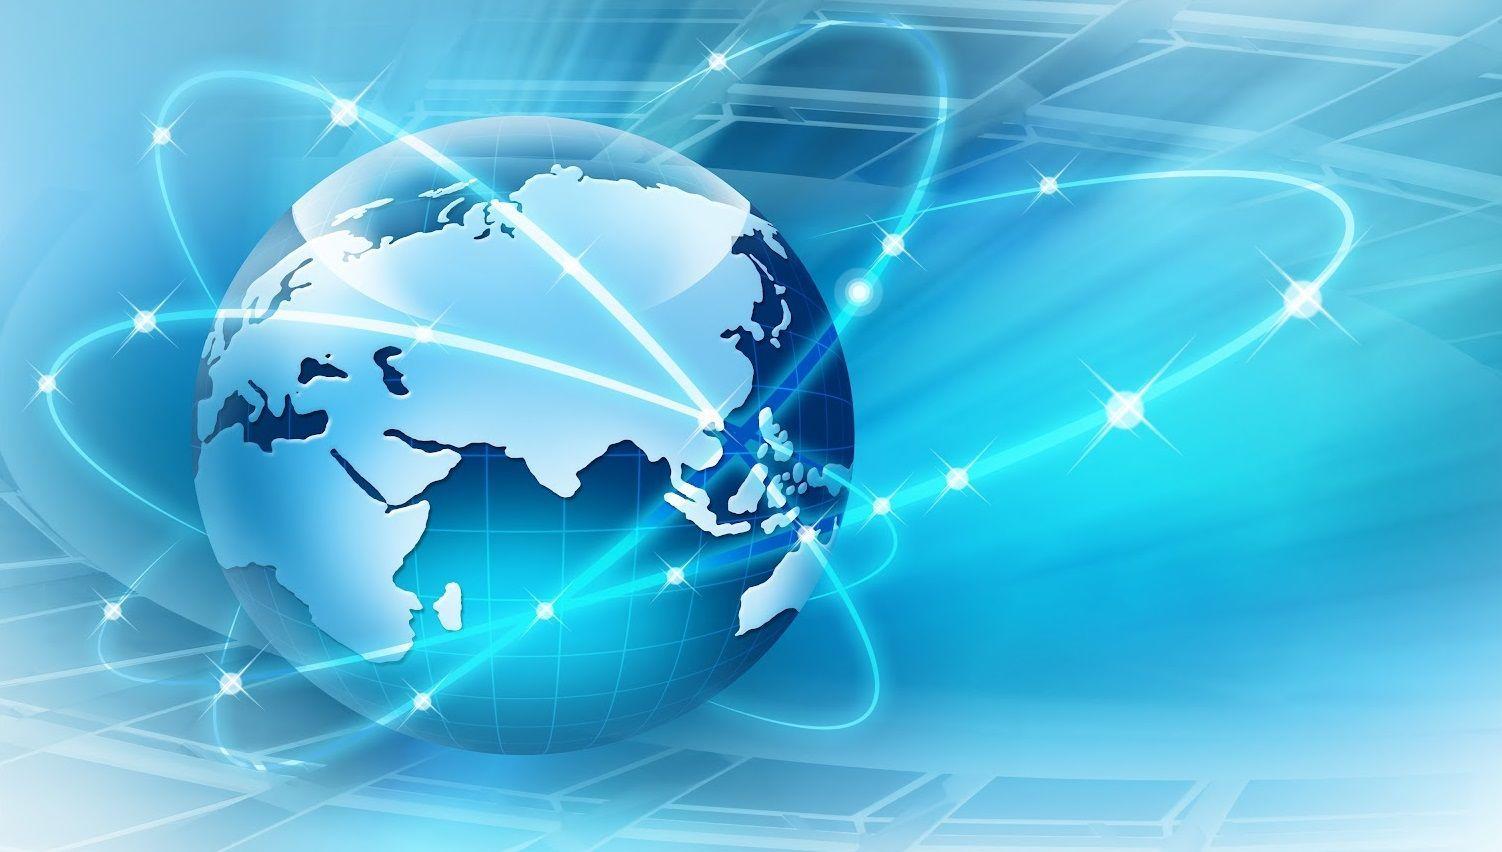 Dentro de este campo, ¿Qué aparato utilizas más para navegar por internet y todo lo referido a programas informáticos?